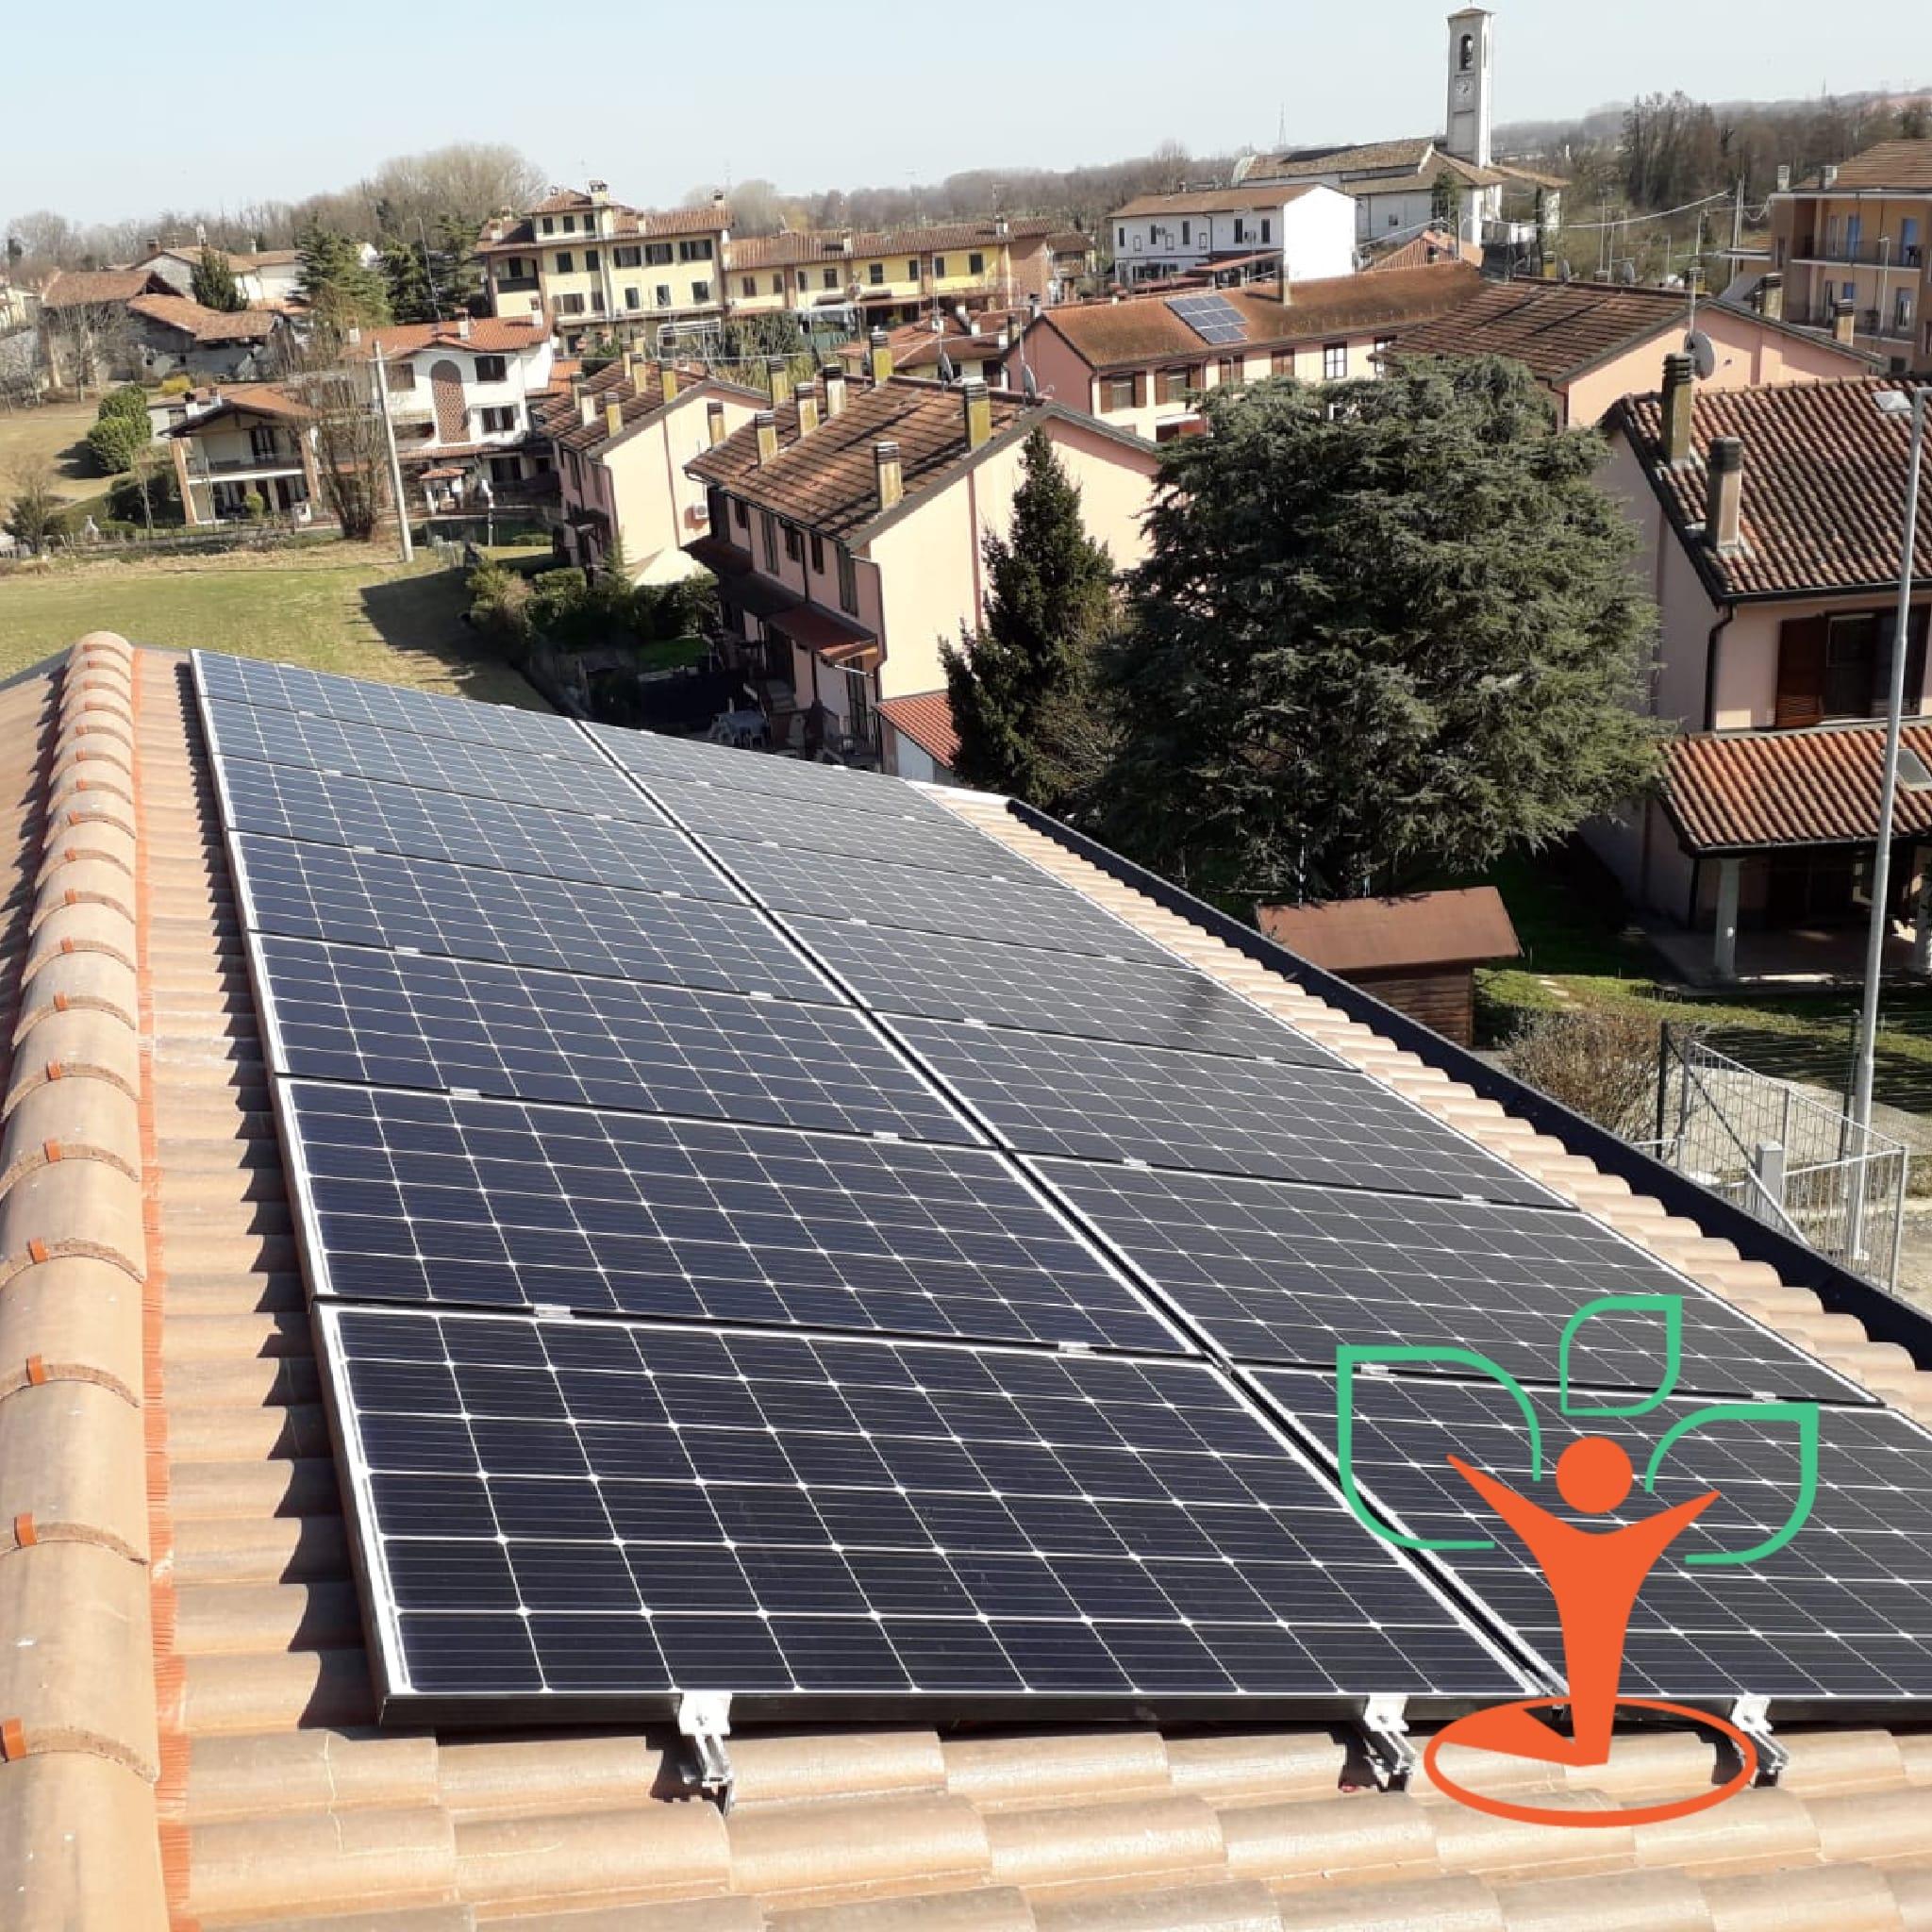 Installazione impianto fotovoltaico JA Solar da 4,2 kWp a Galgagnano (LO)